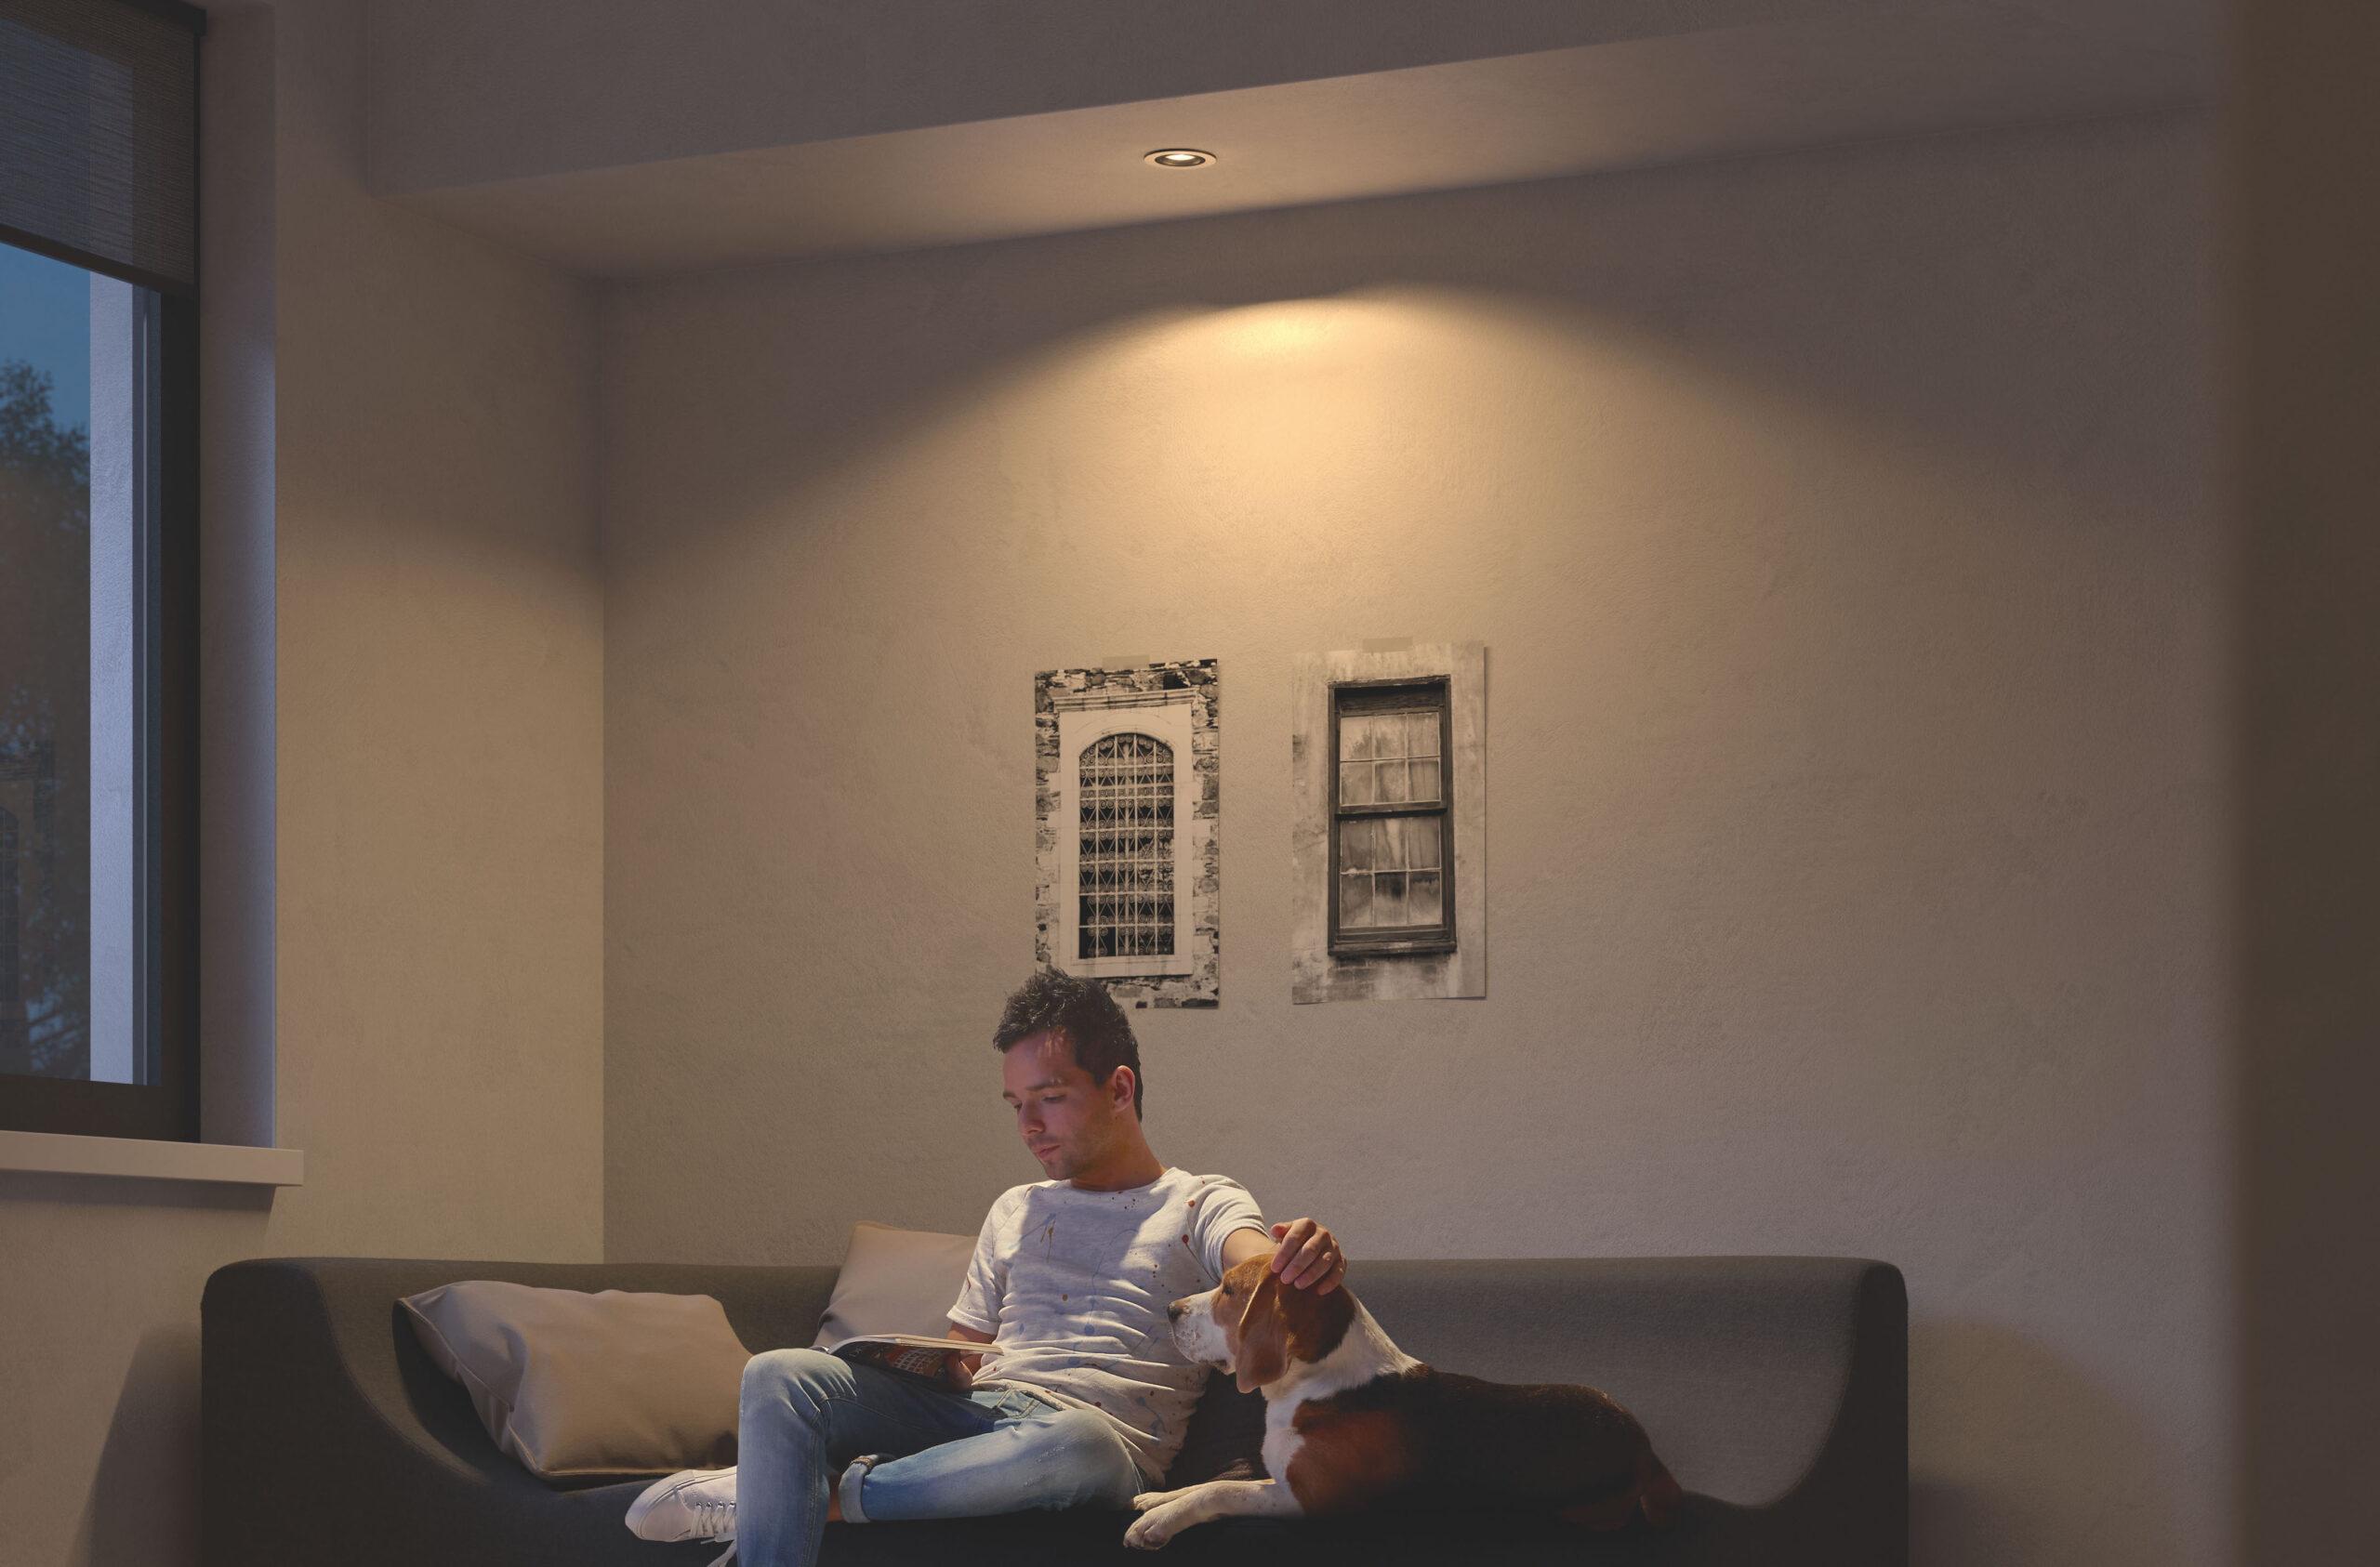 Full Size of Philips Hue Gu10 Wie Gro Sollte Der Abstand Zwischen Den Deckenstrahler Wohnzimmer Wandbilder Komplett Stehlampe Pendelleuchte Schrank Heizkörper Decken Wohnzimmer Deckenspots Wohnzimmer